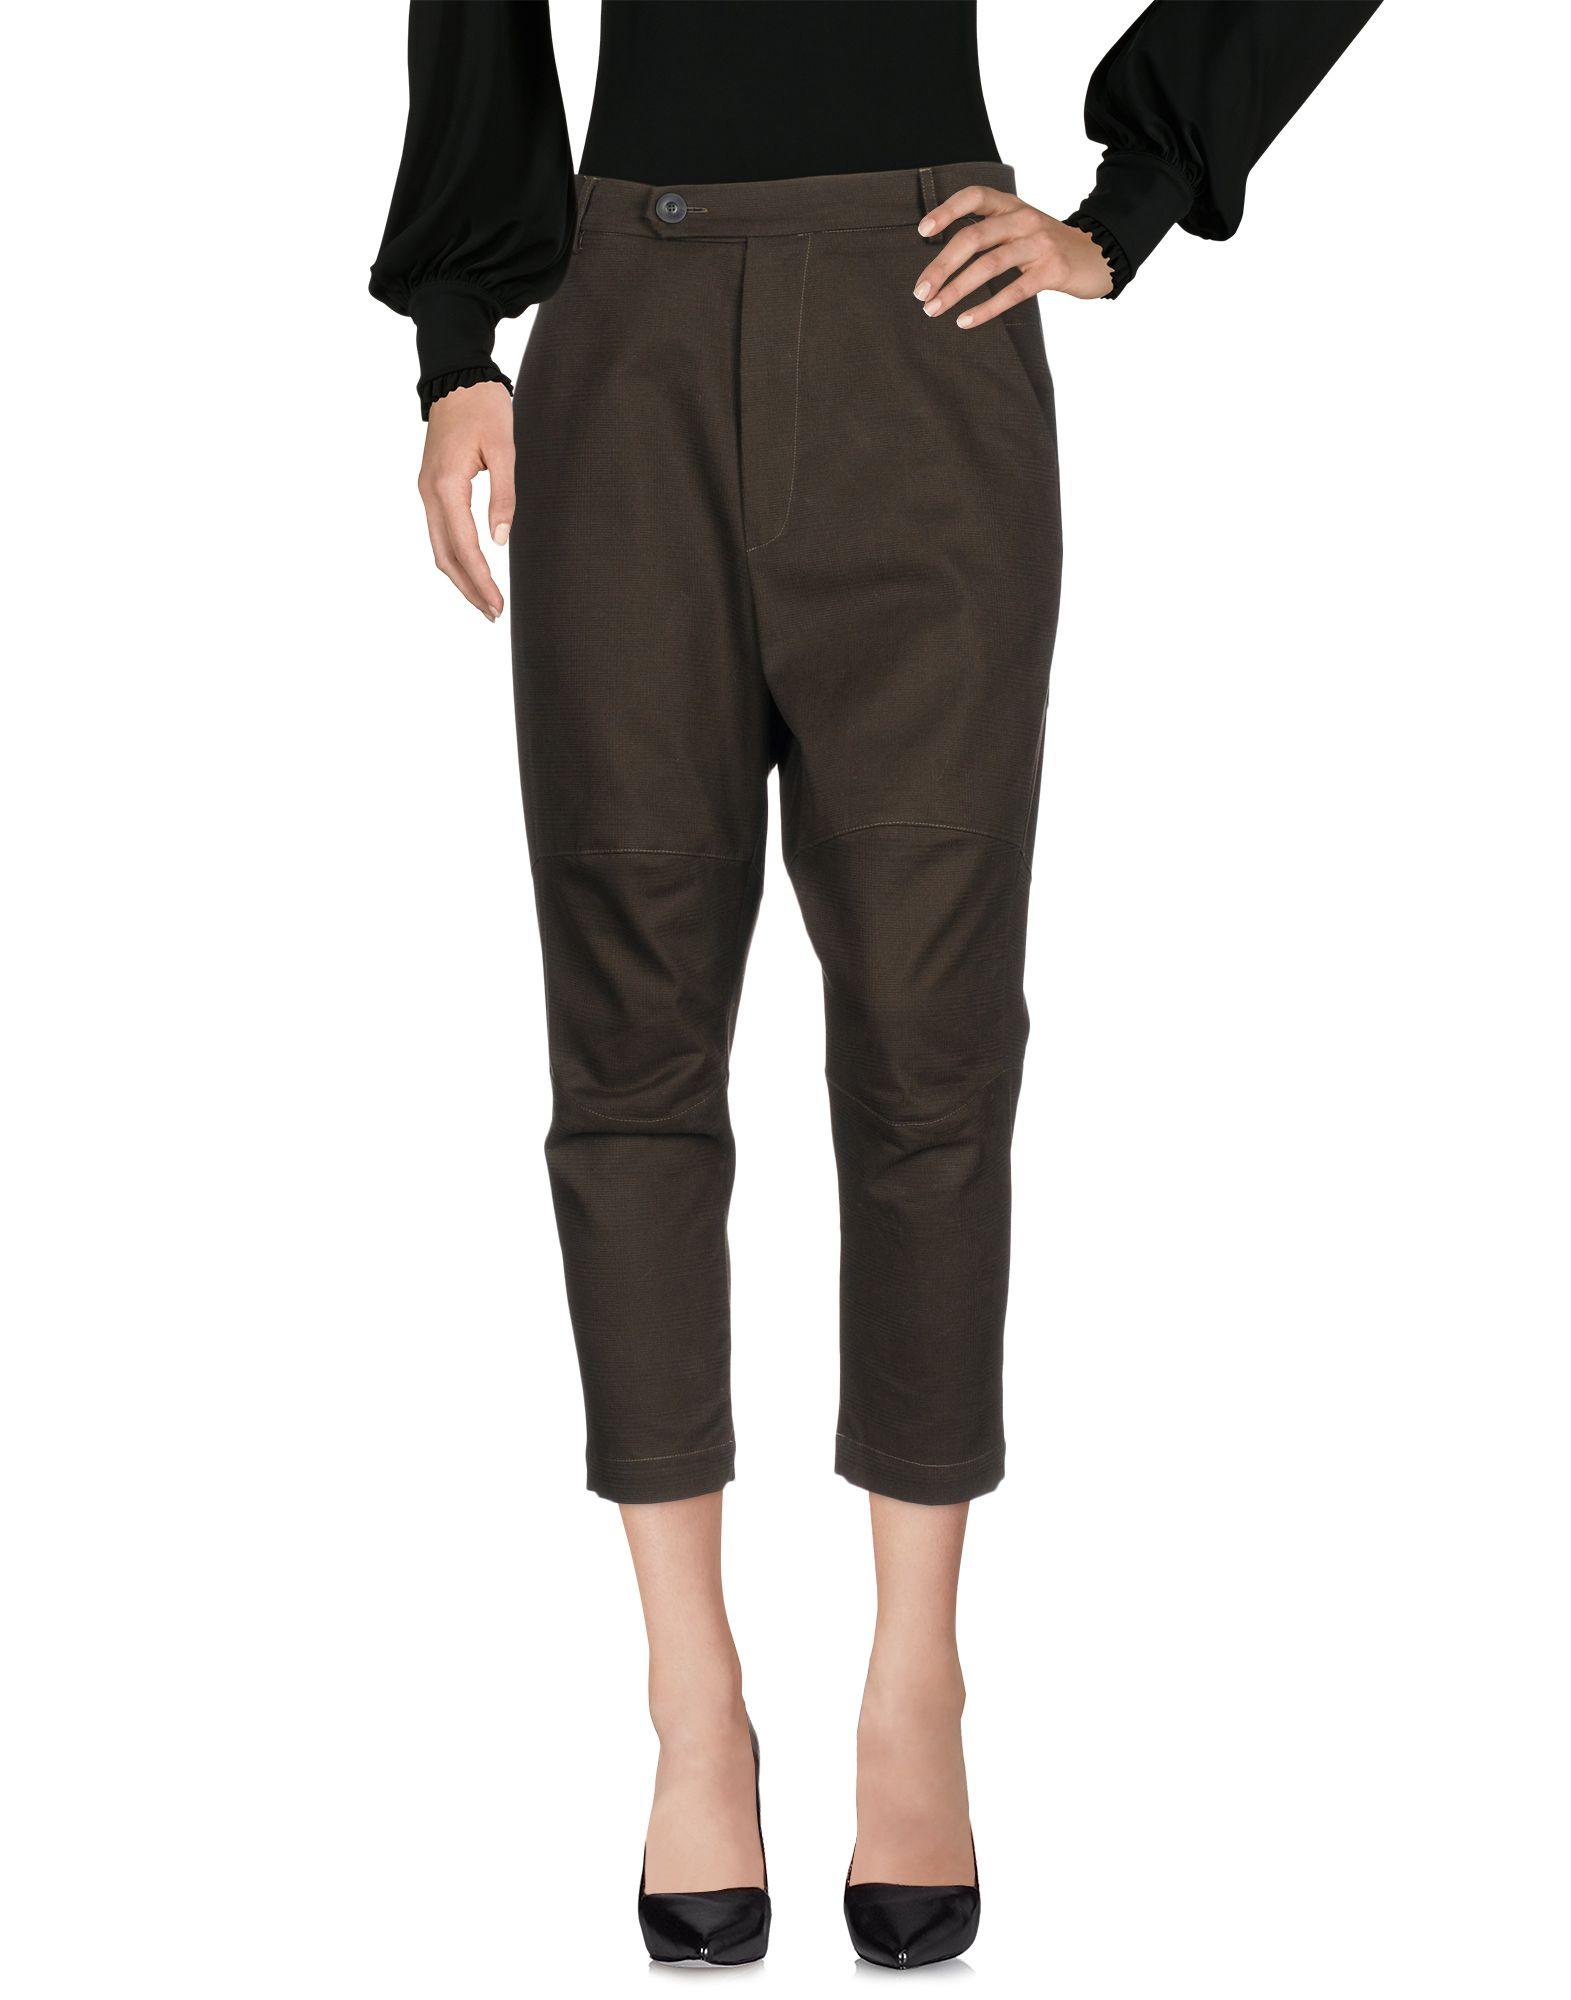 Pantalone Art 259 Design By Alberto Affinito Donna - Acquista online su dlni24I